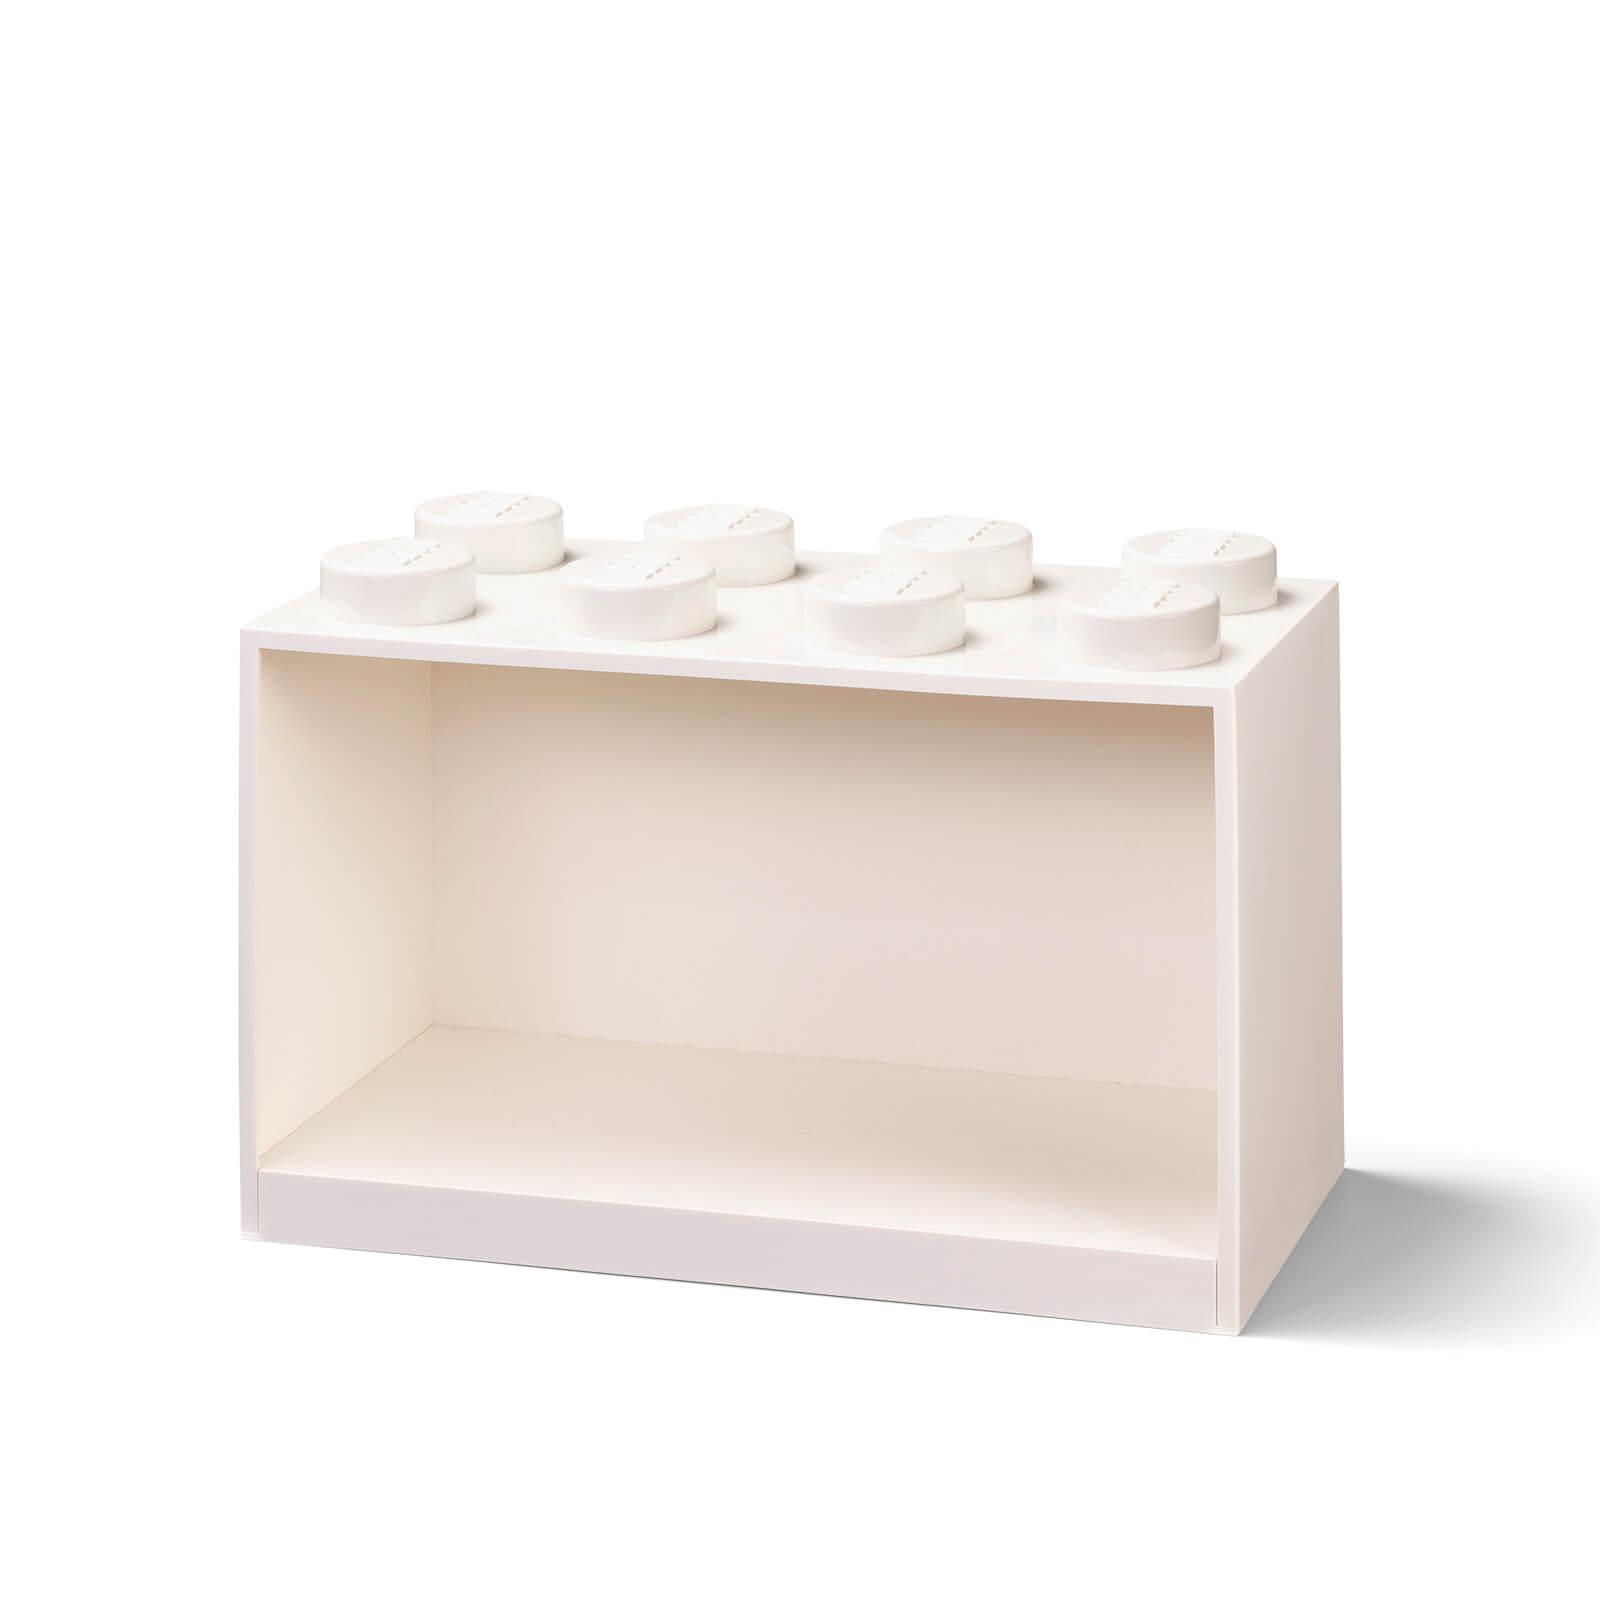 Image of LEGO Storage Brick Shelf 8 - White